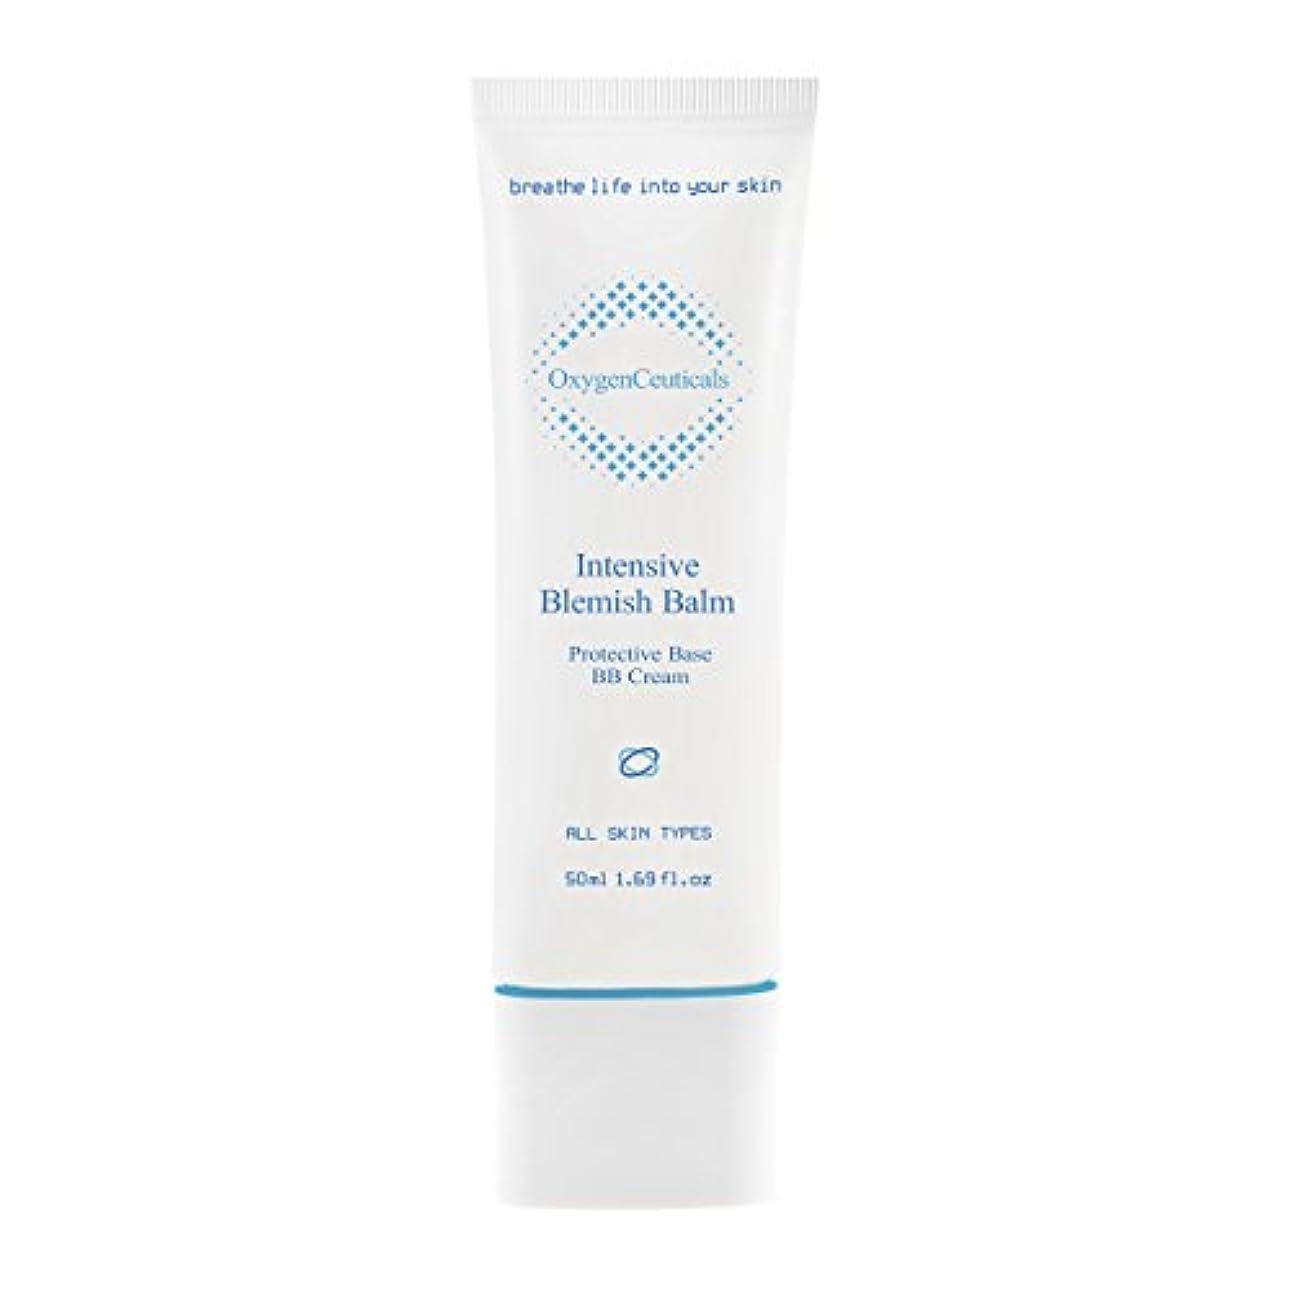 ヒゲクジラブルジョン店主[ Oxygen Ceuticals ] オキシジェンシューティカルズ 酸素BBクリーム[再.生BB] 50ml. Intensive Blemish Balm(BB Cream) 50ml. X Mask Pack 1p.